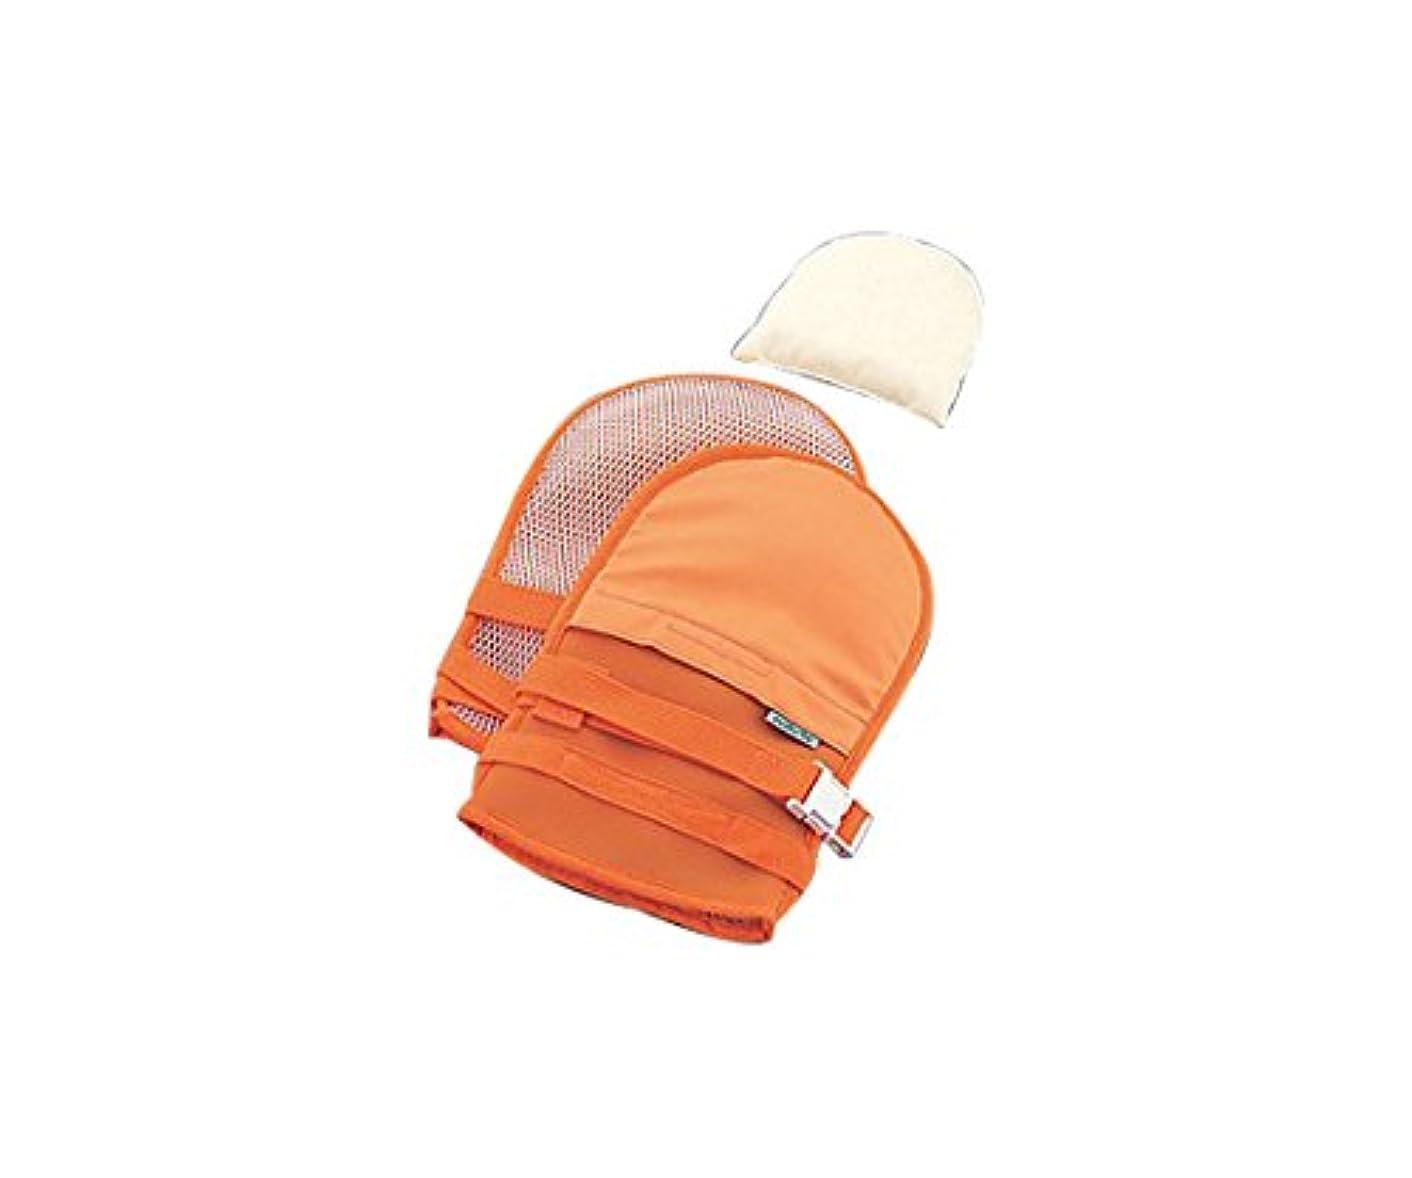 ナビス(アズワン)0-1638-42抜管防止手袋中メッシュオレンジ